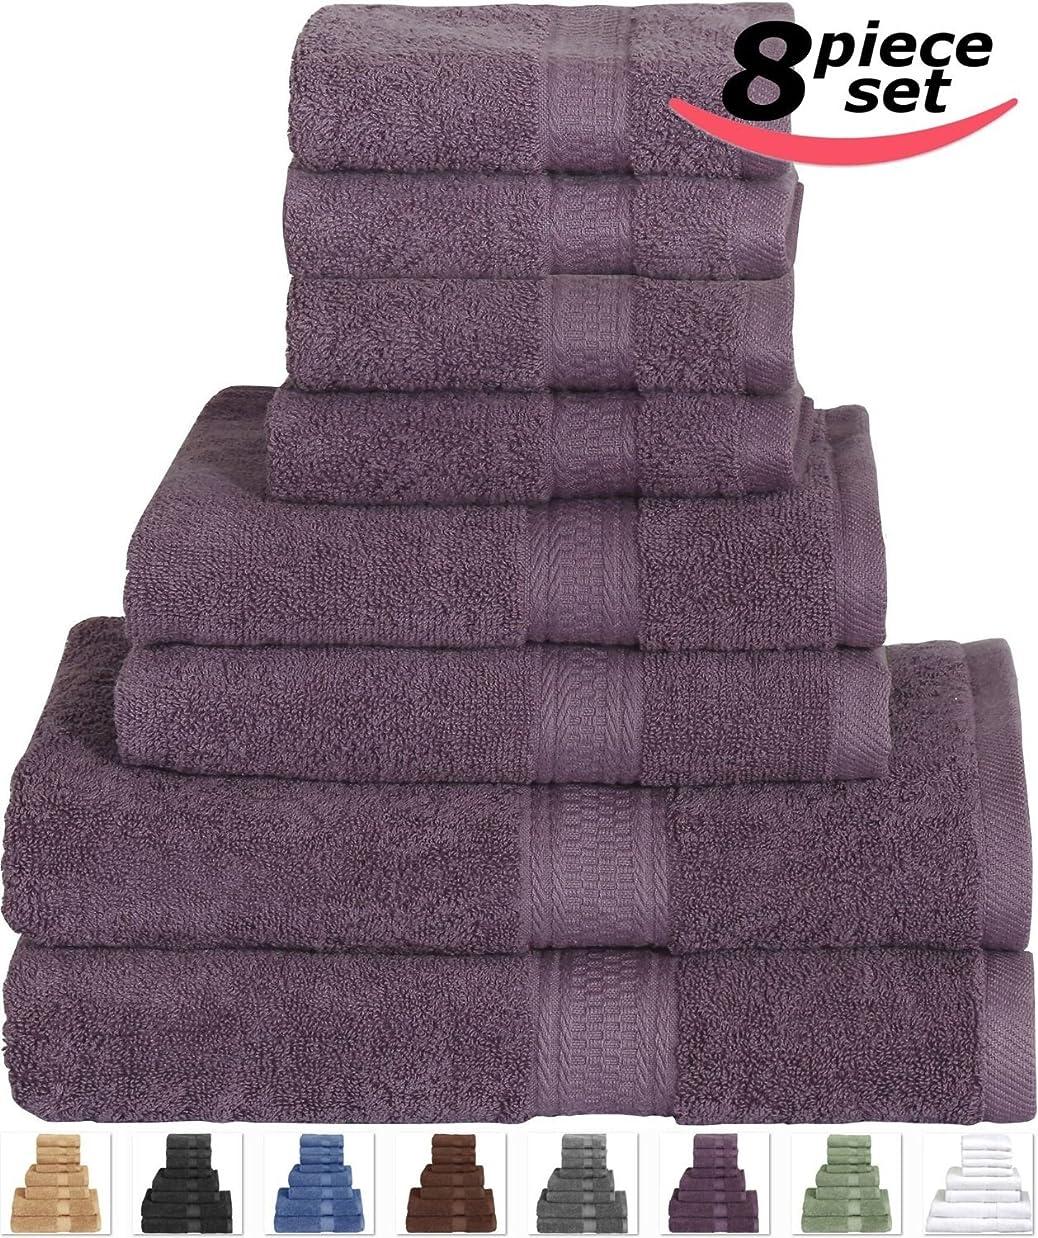 療法観光デコラティブPlumバスタオルセット8点Includes 2バスタオル、2ハンドタオル、および4?Washcloths 100?%コットンOrder Now 。電子書籍でギフト@